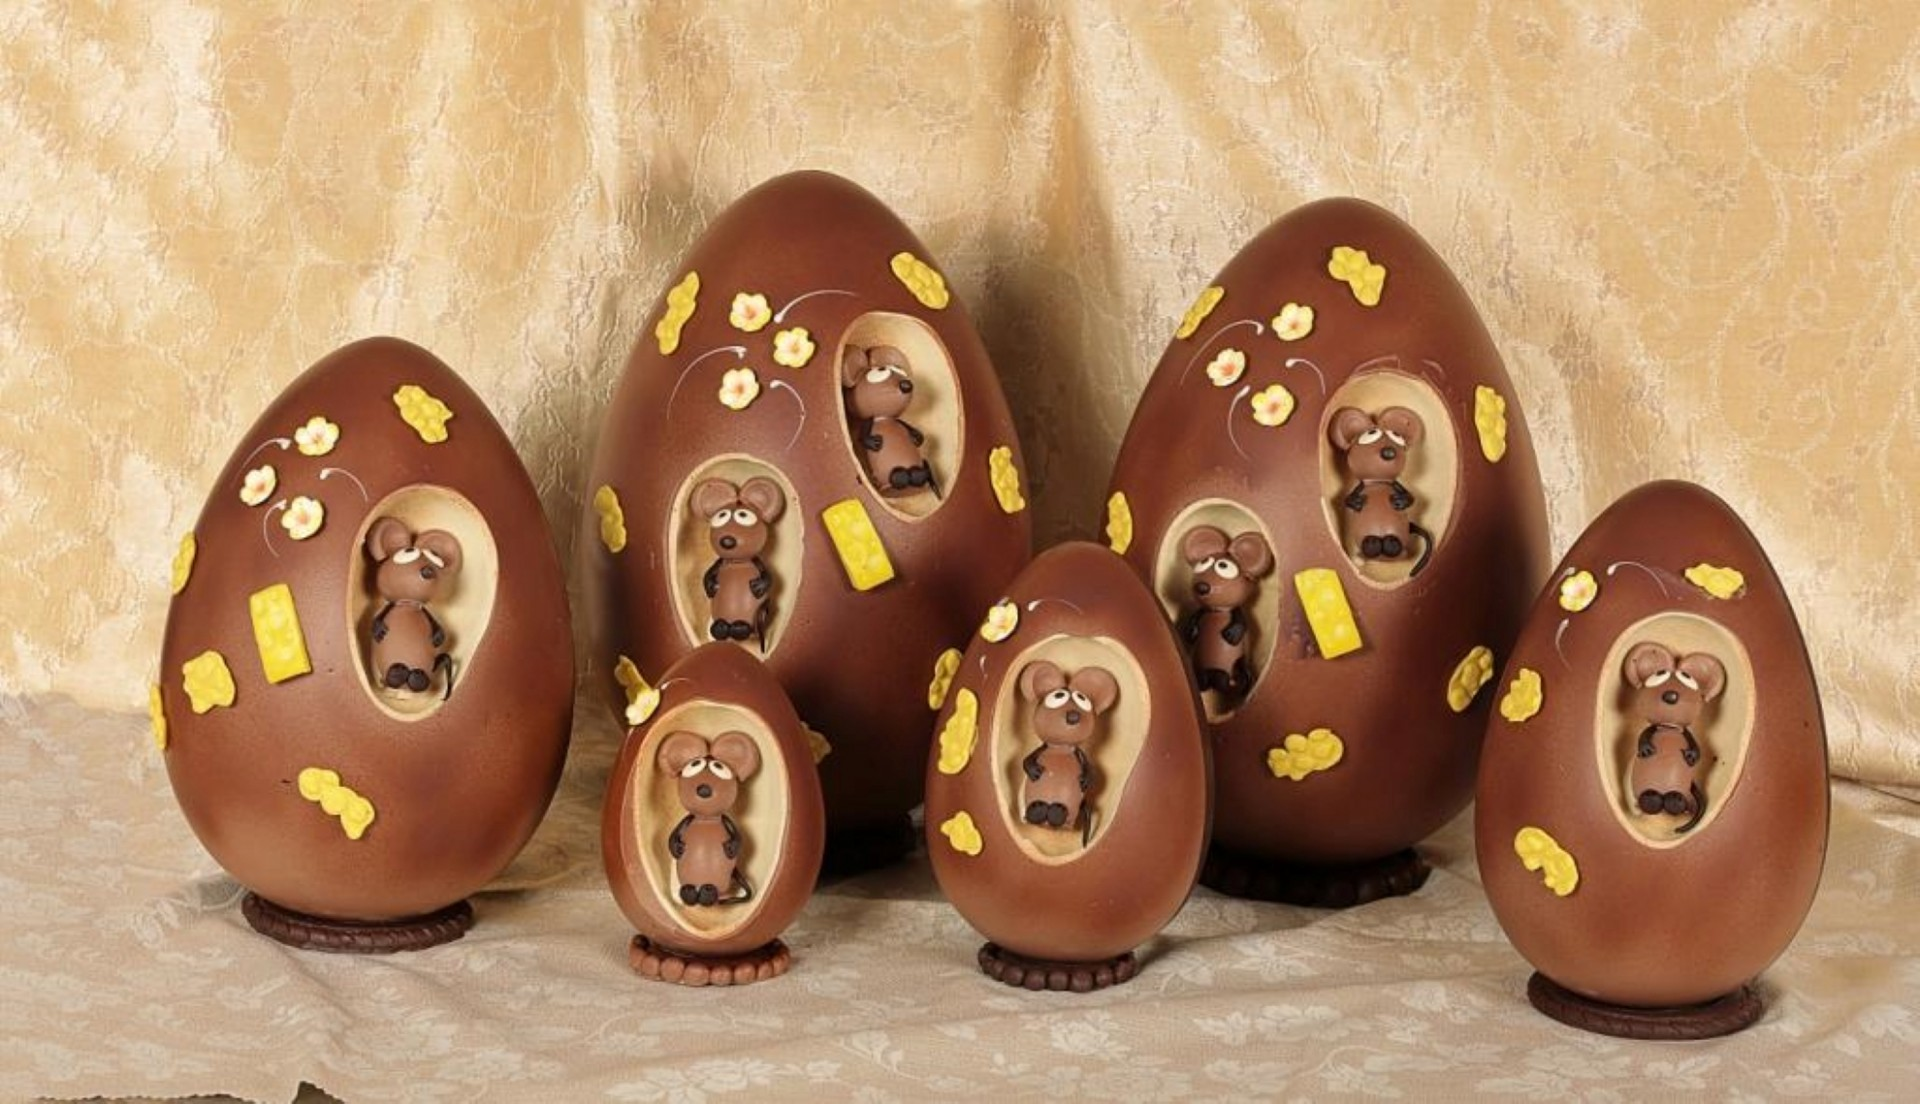 gli-speziali-di-cologna-veneta-uovo-di-cioccolato-pasquale-con-sorpresa-topini.jpg